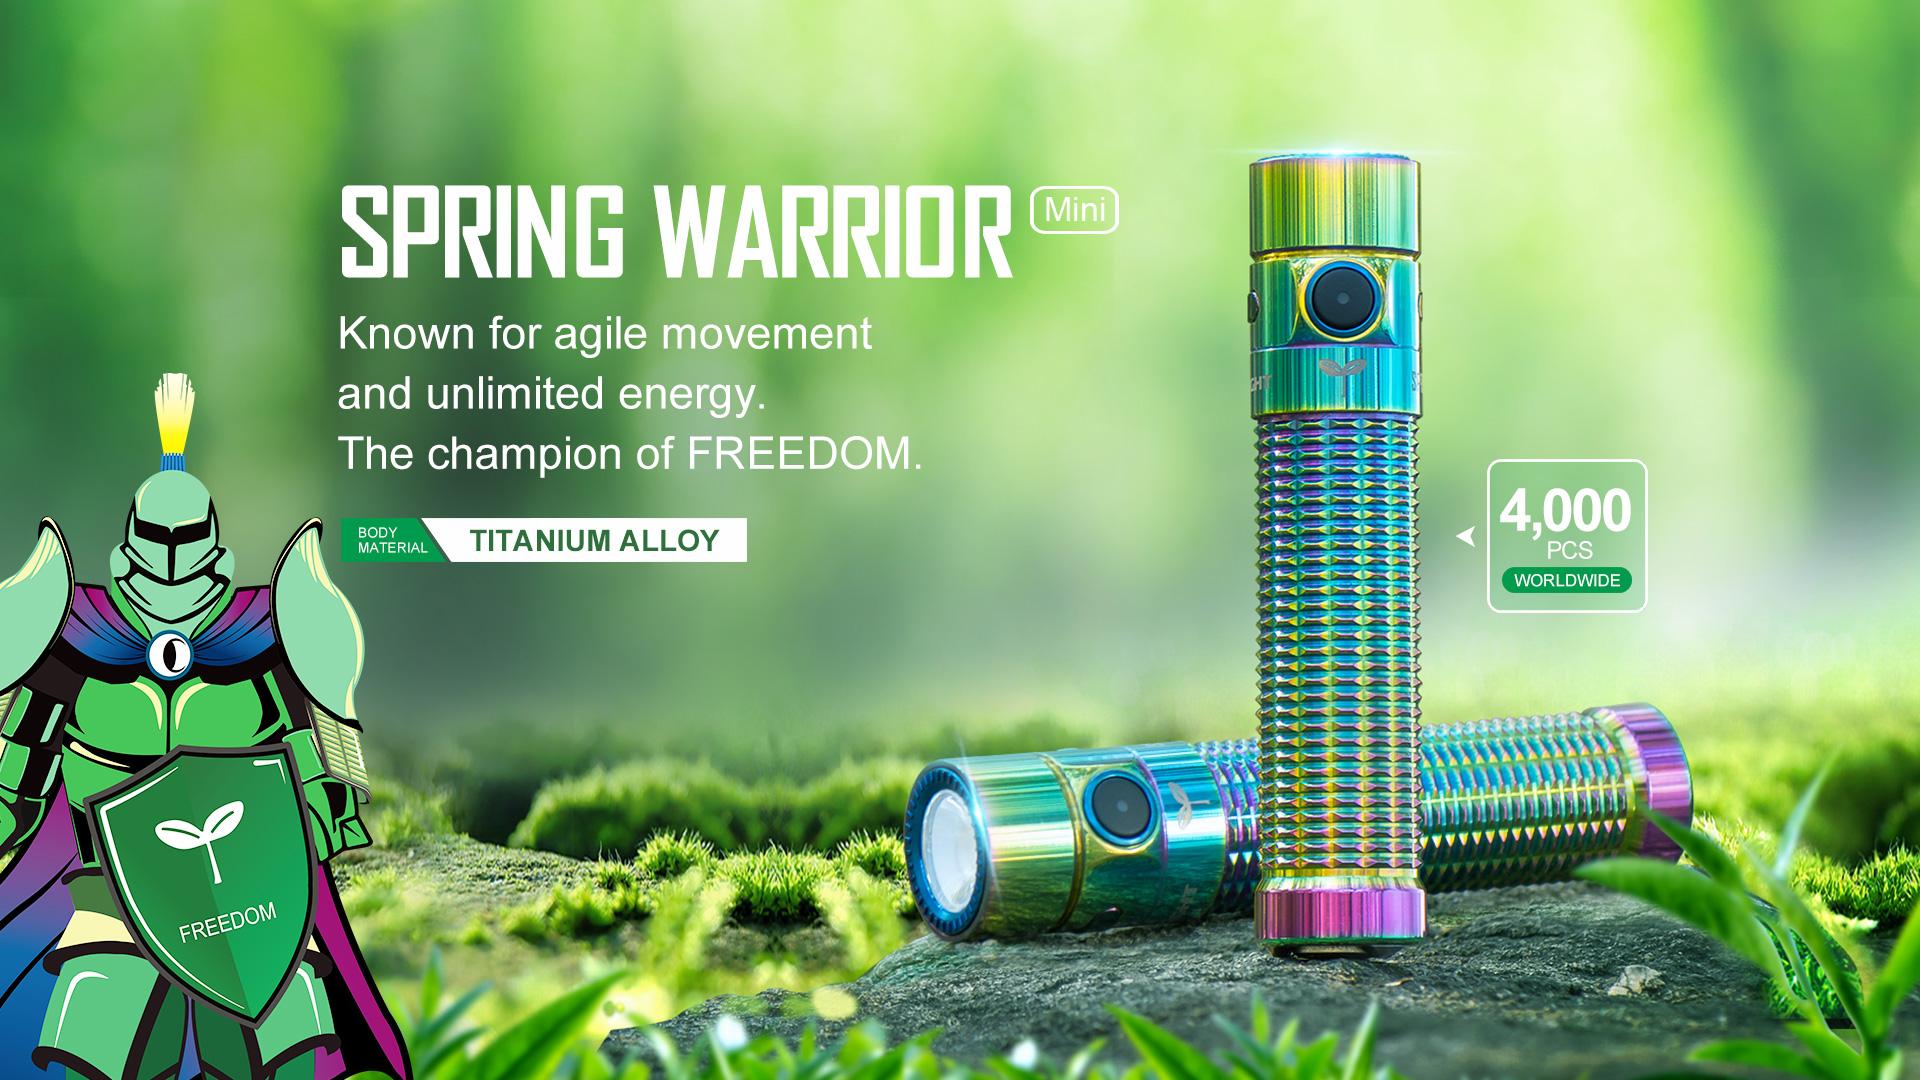 warrior mini,tactical,edc torch